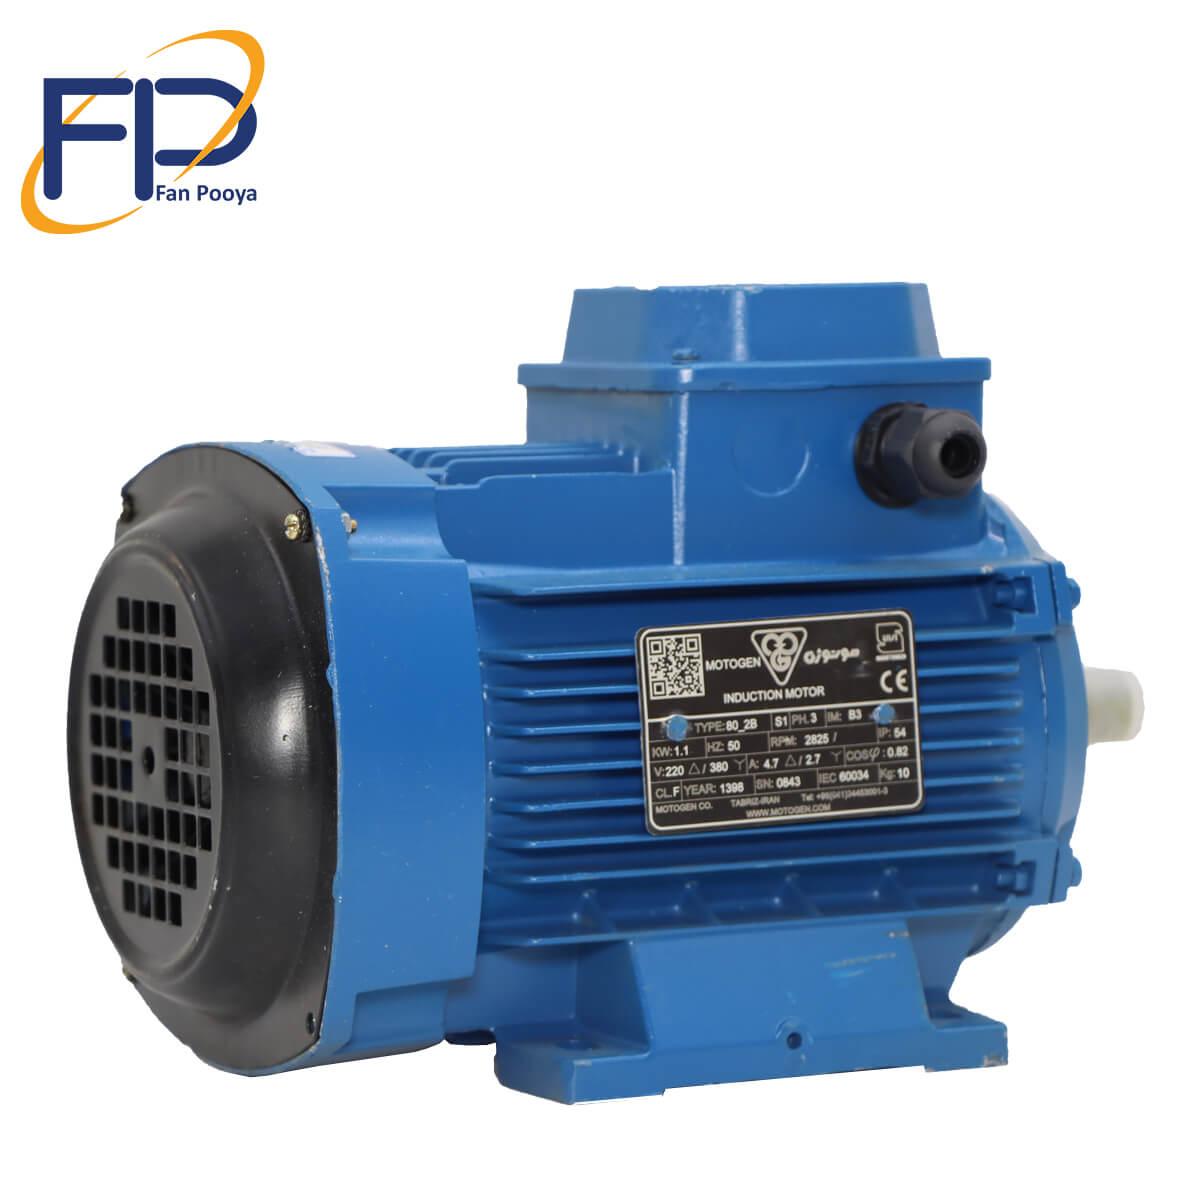 الکترو موتور موتوژن قدرت 2.2kw کیلو وات3000دور